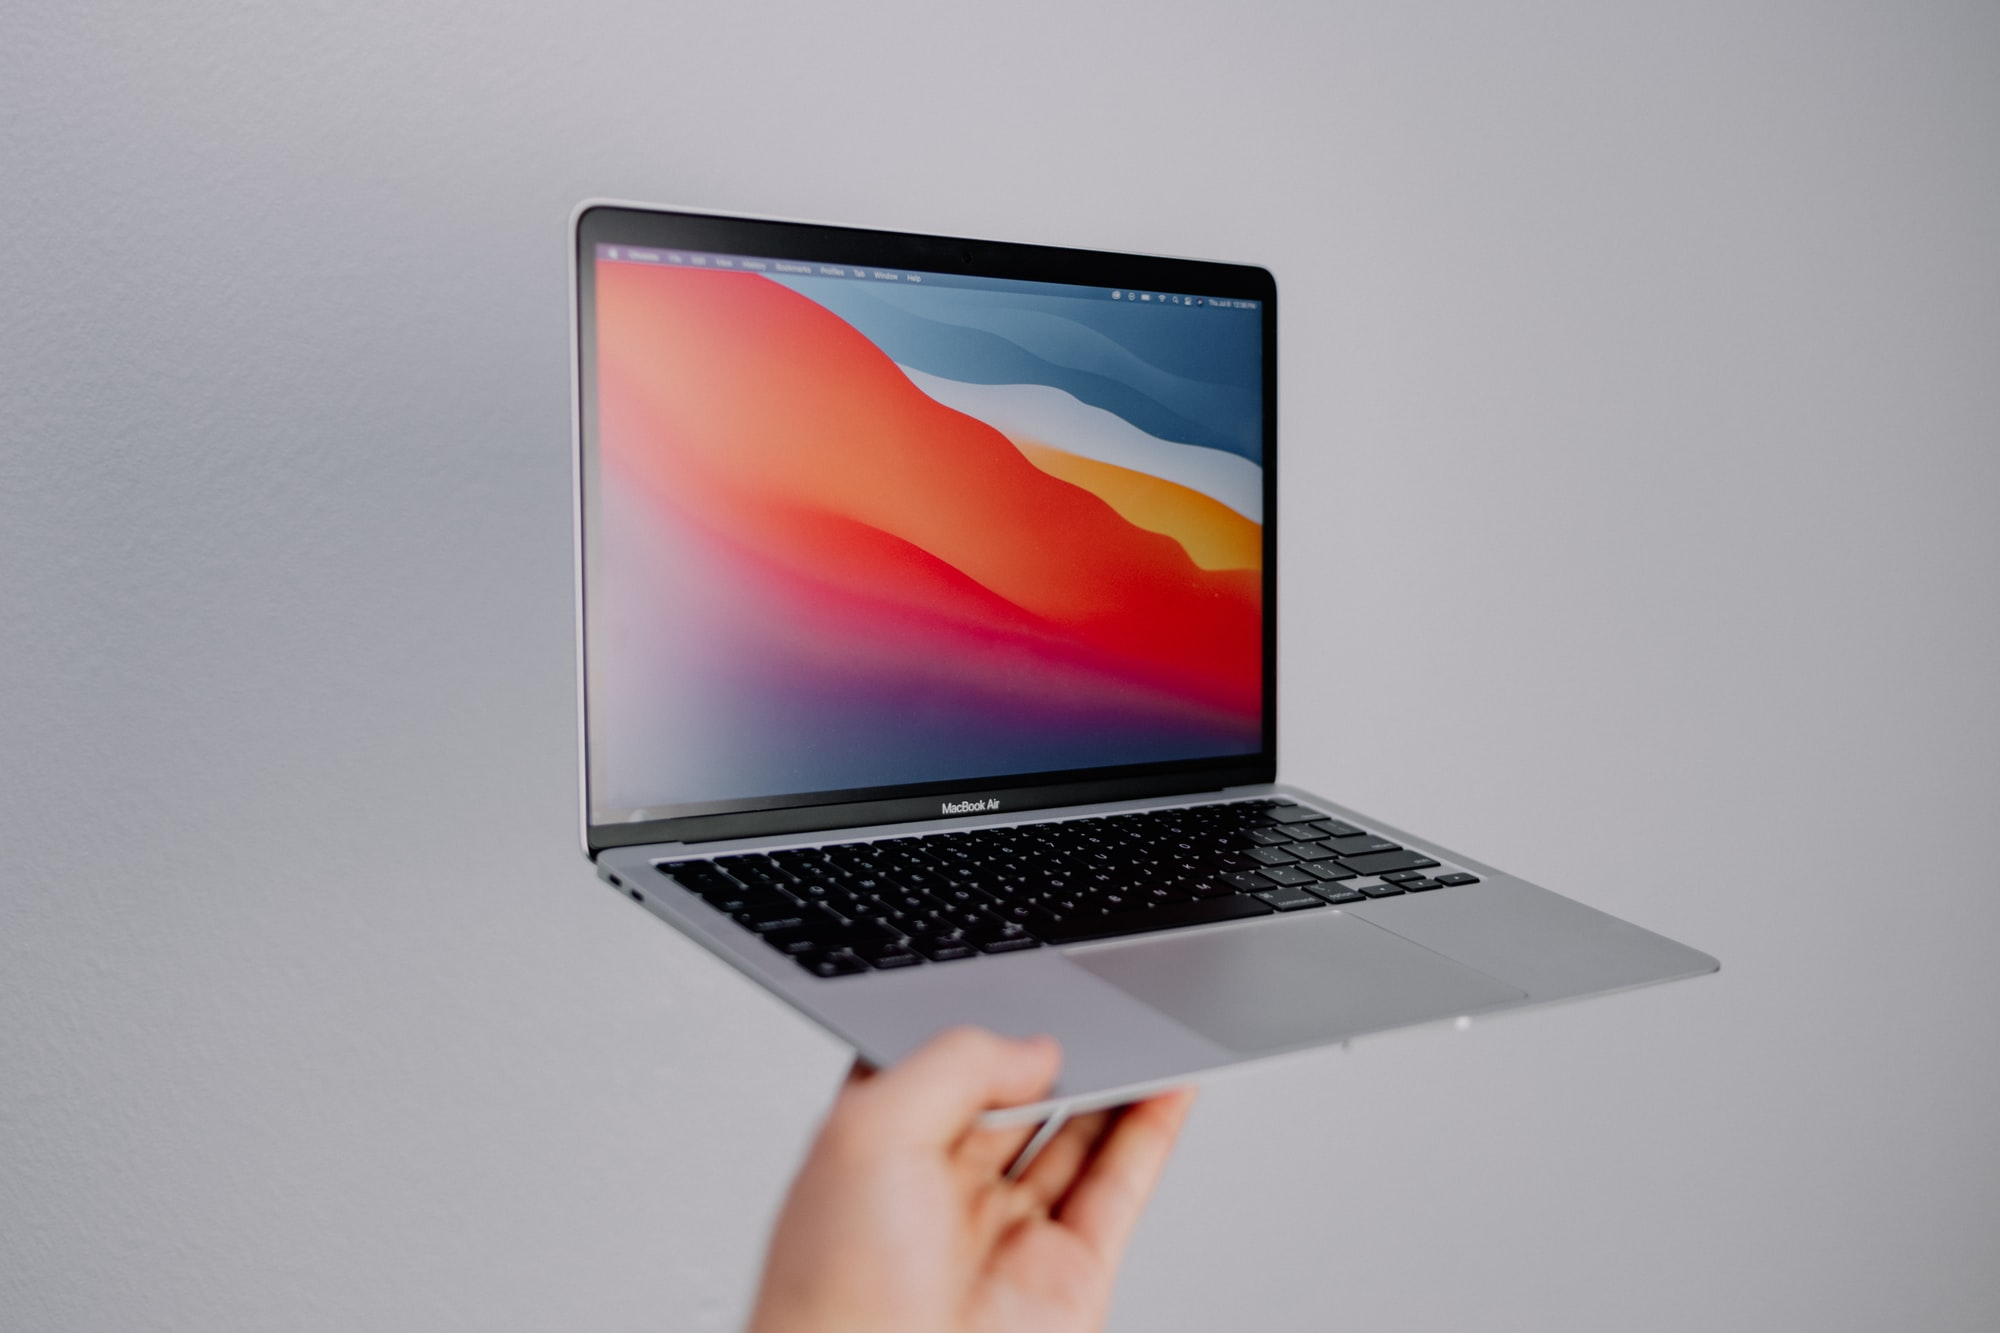 Caça promoções: MacBook Air M1 com 14% de desconto